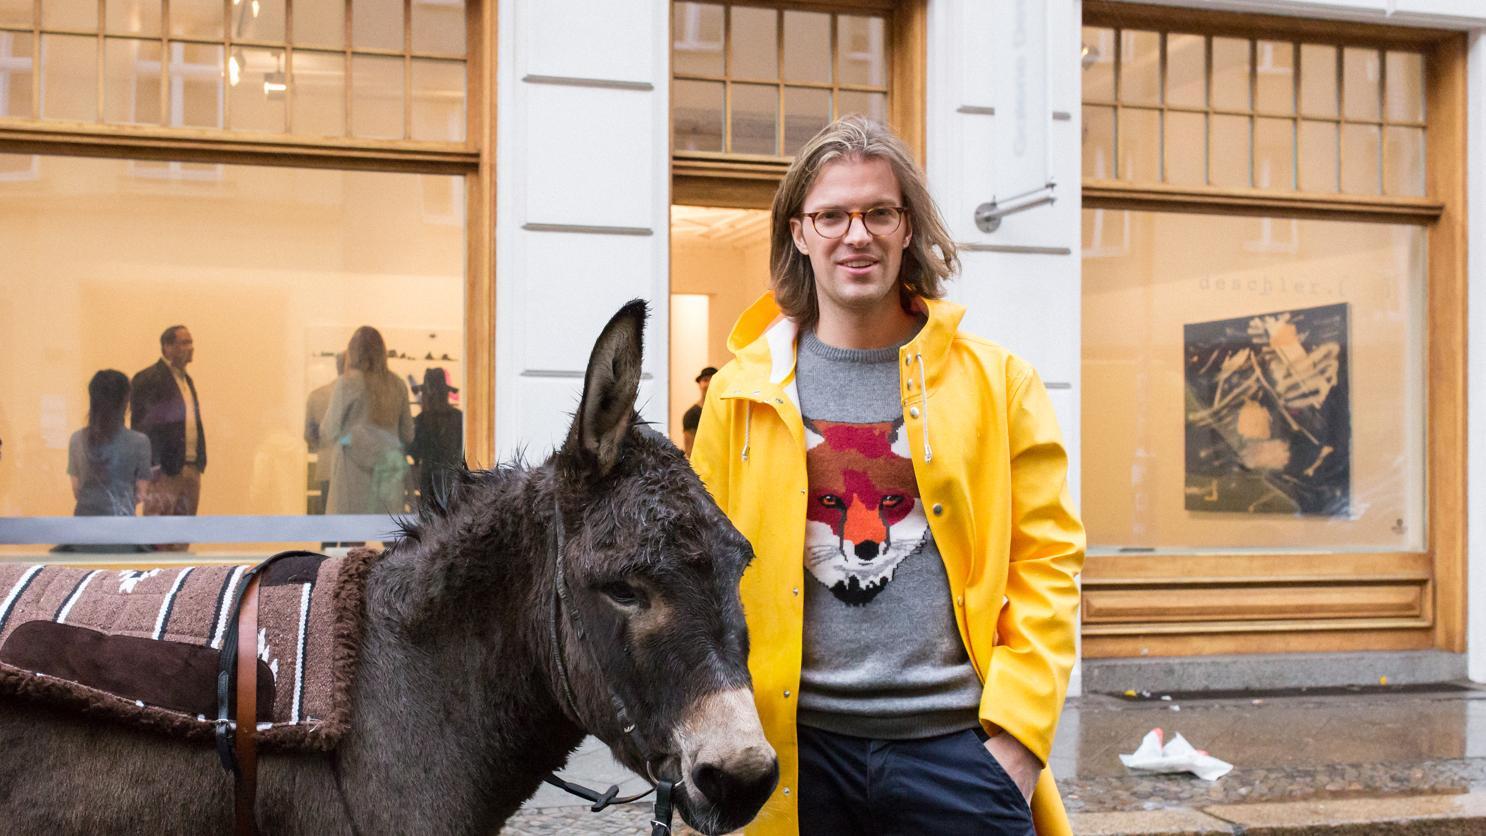 Magnus Resch steht mit einem Esel vor einer Kunstgalerie. Er hat schulterlange braune Haare und trägt eine Hornbrille. Auf seinem grauen Pulli ist ein Fuchs zu sehen, darüber trägt er eine gelbe Regenjacke.